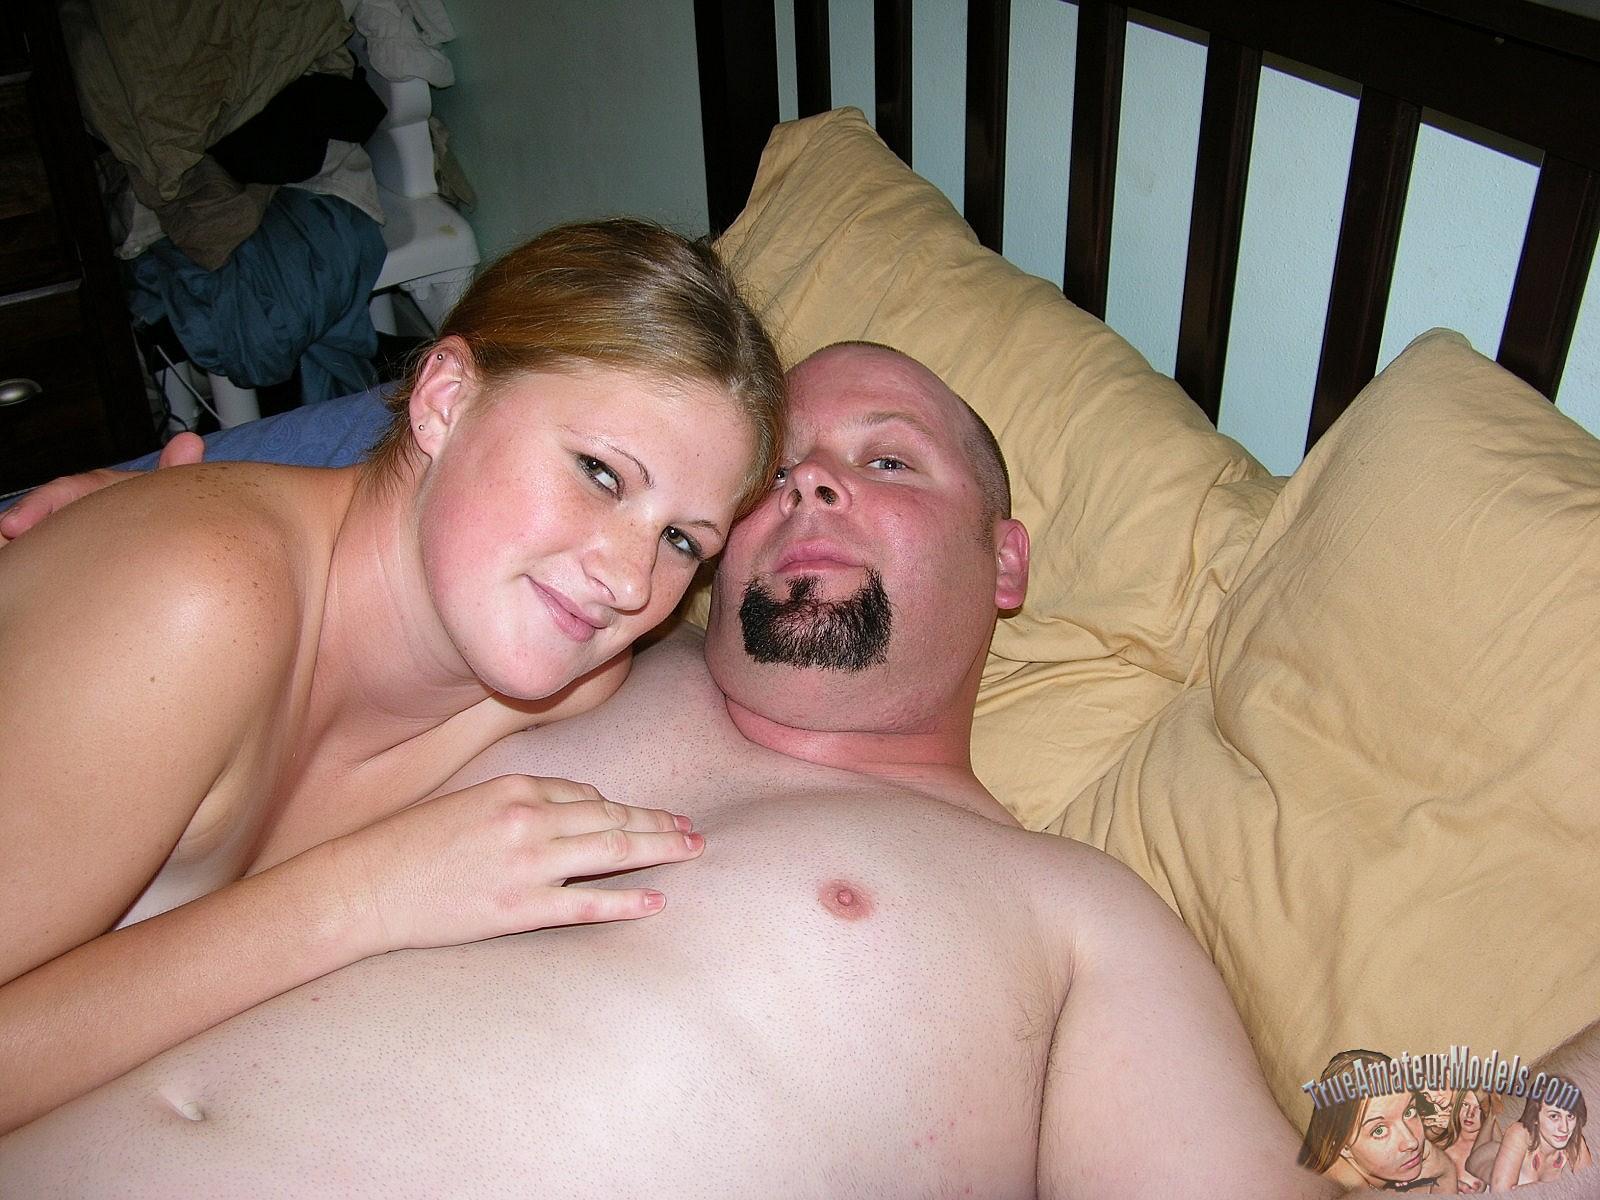 Amateur slut wife laura dp with hubbys friends 4